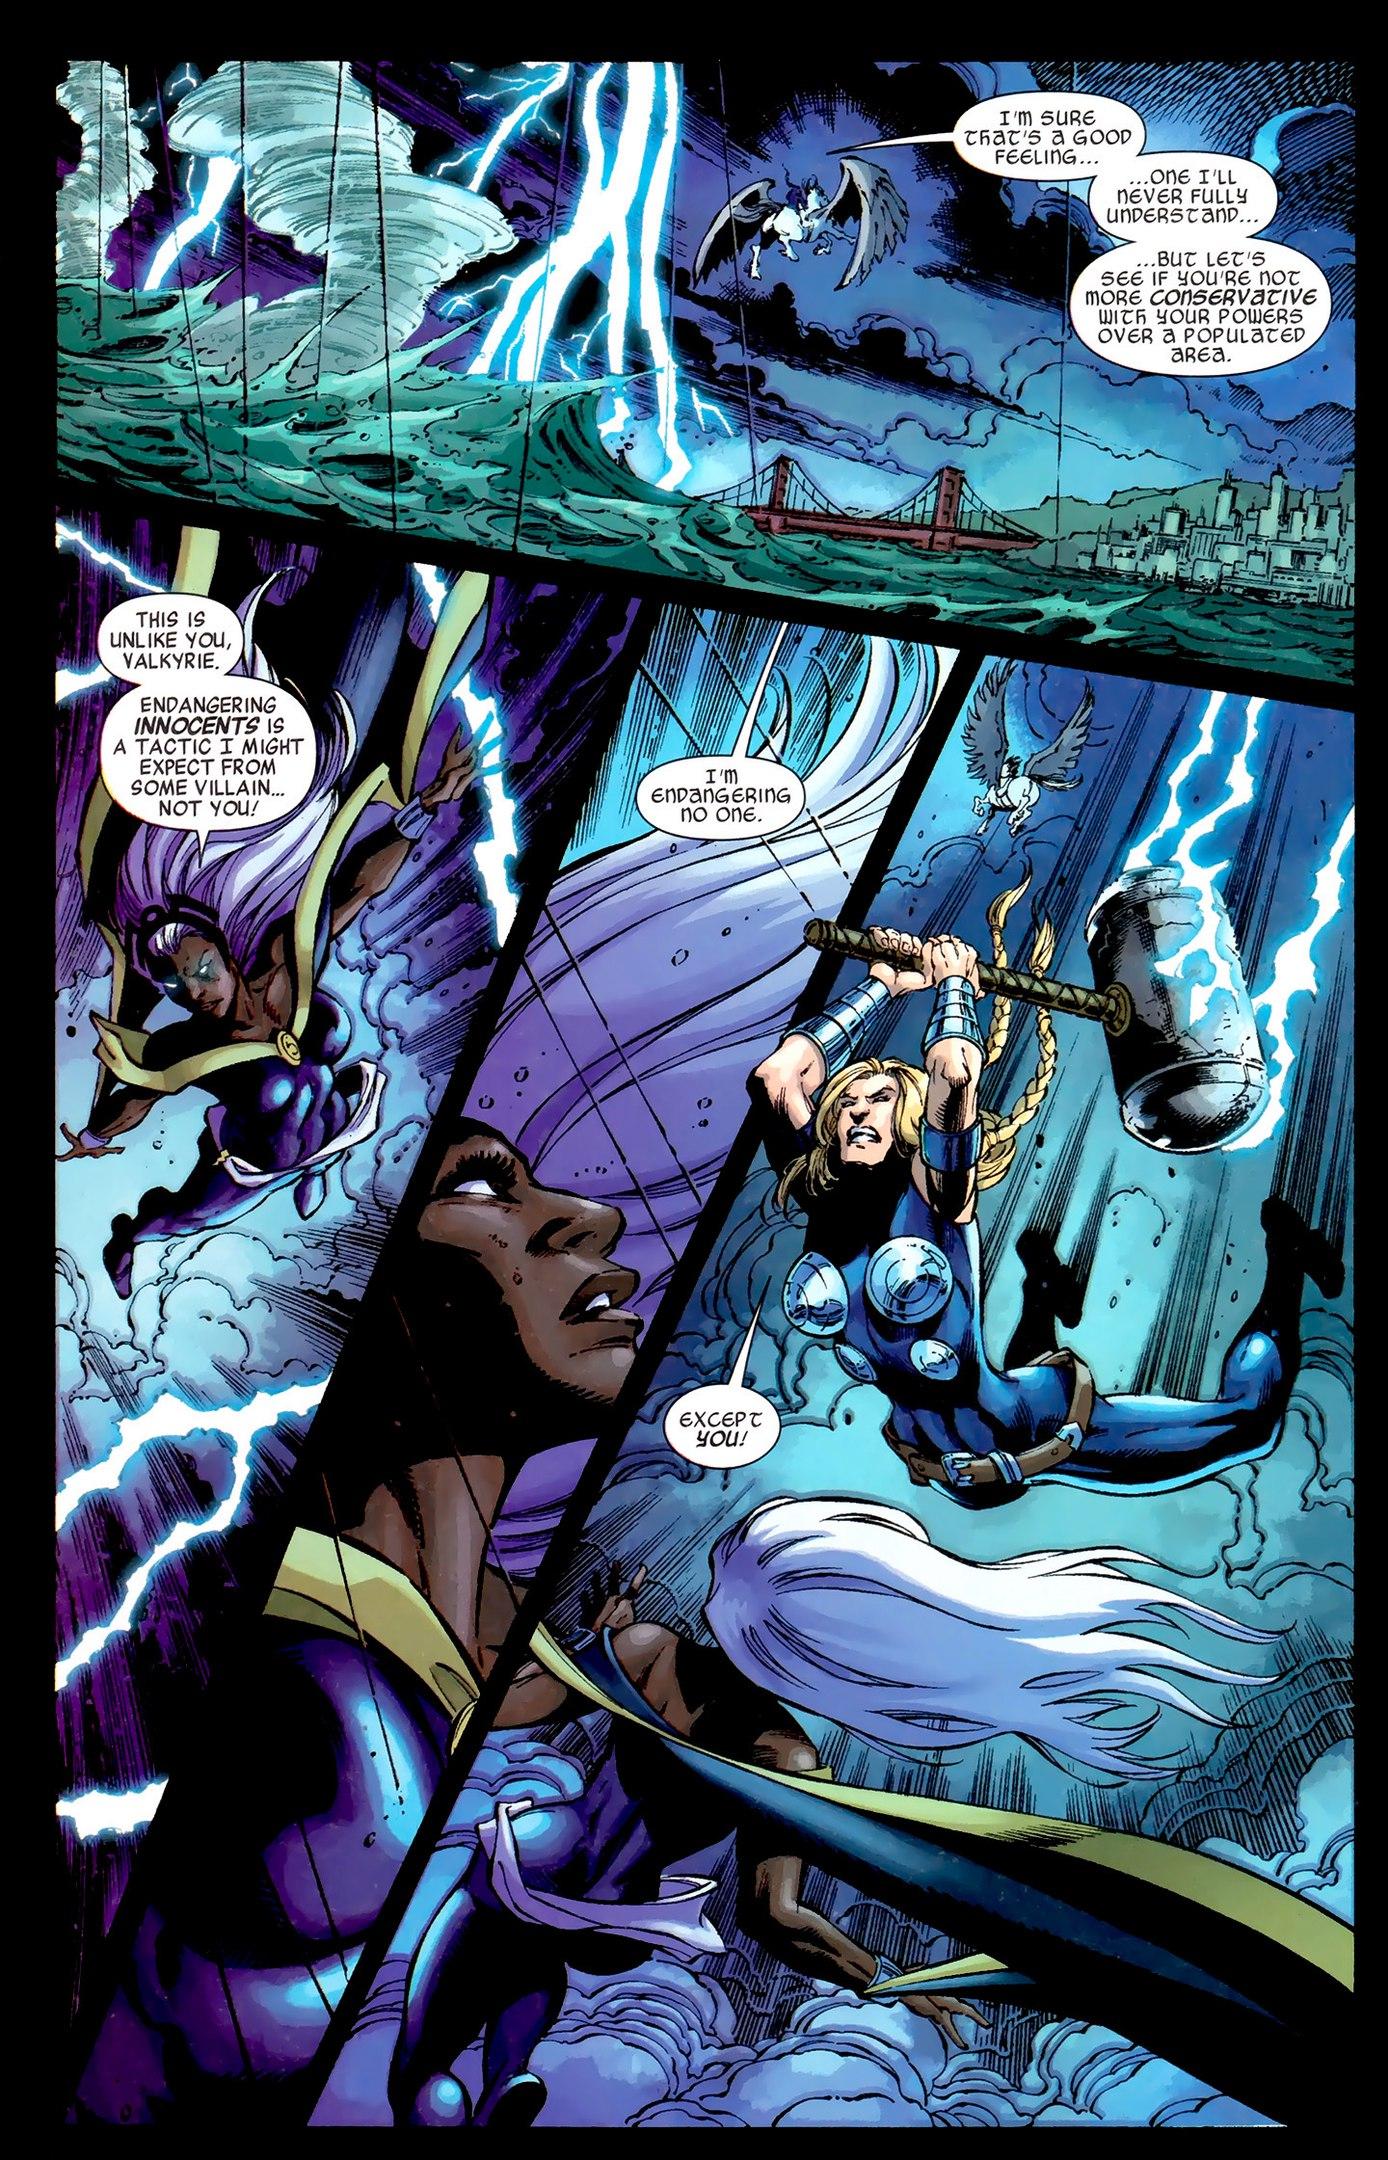 Valkyrie vs Psylocke - Page 2 - Mickeys Tavern